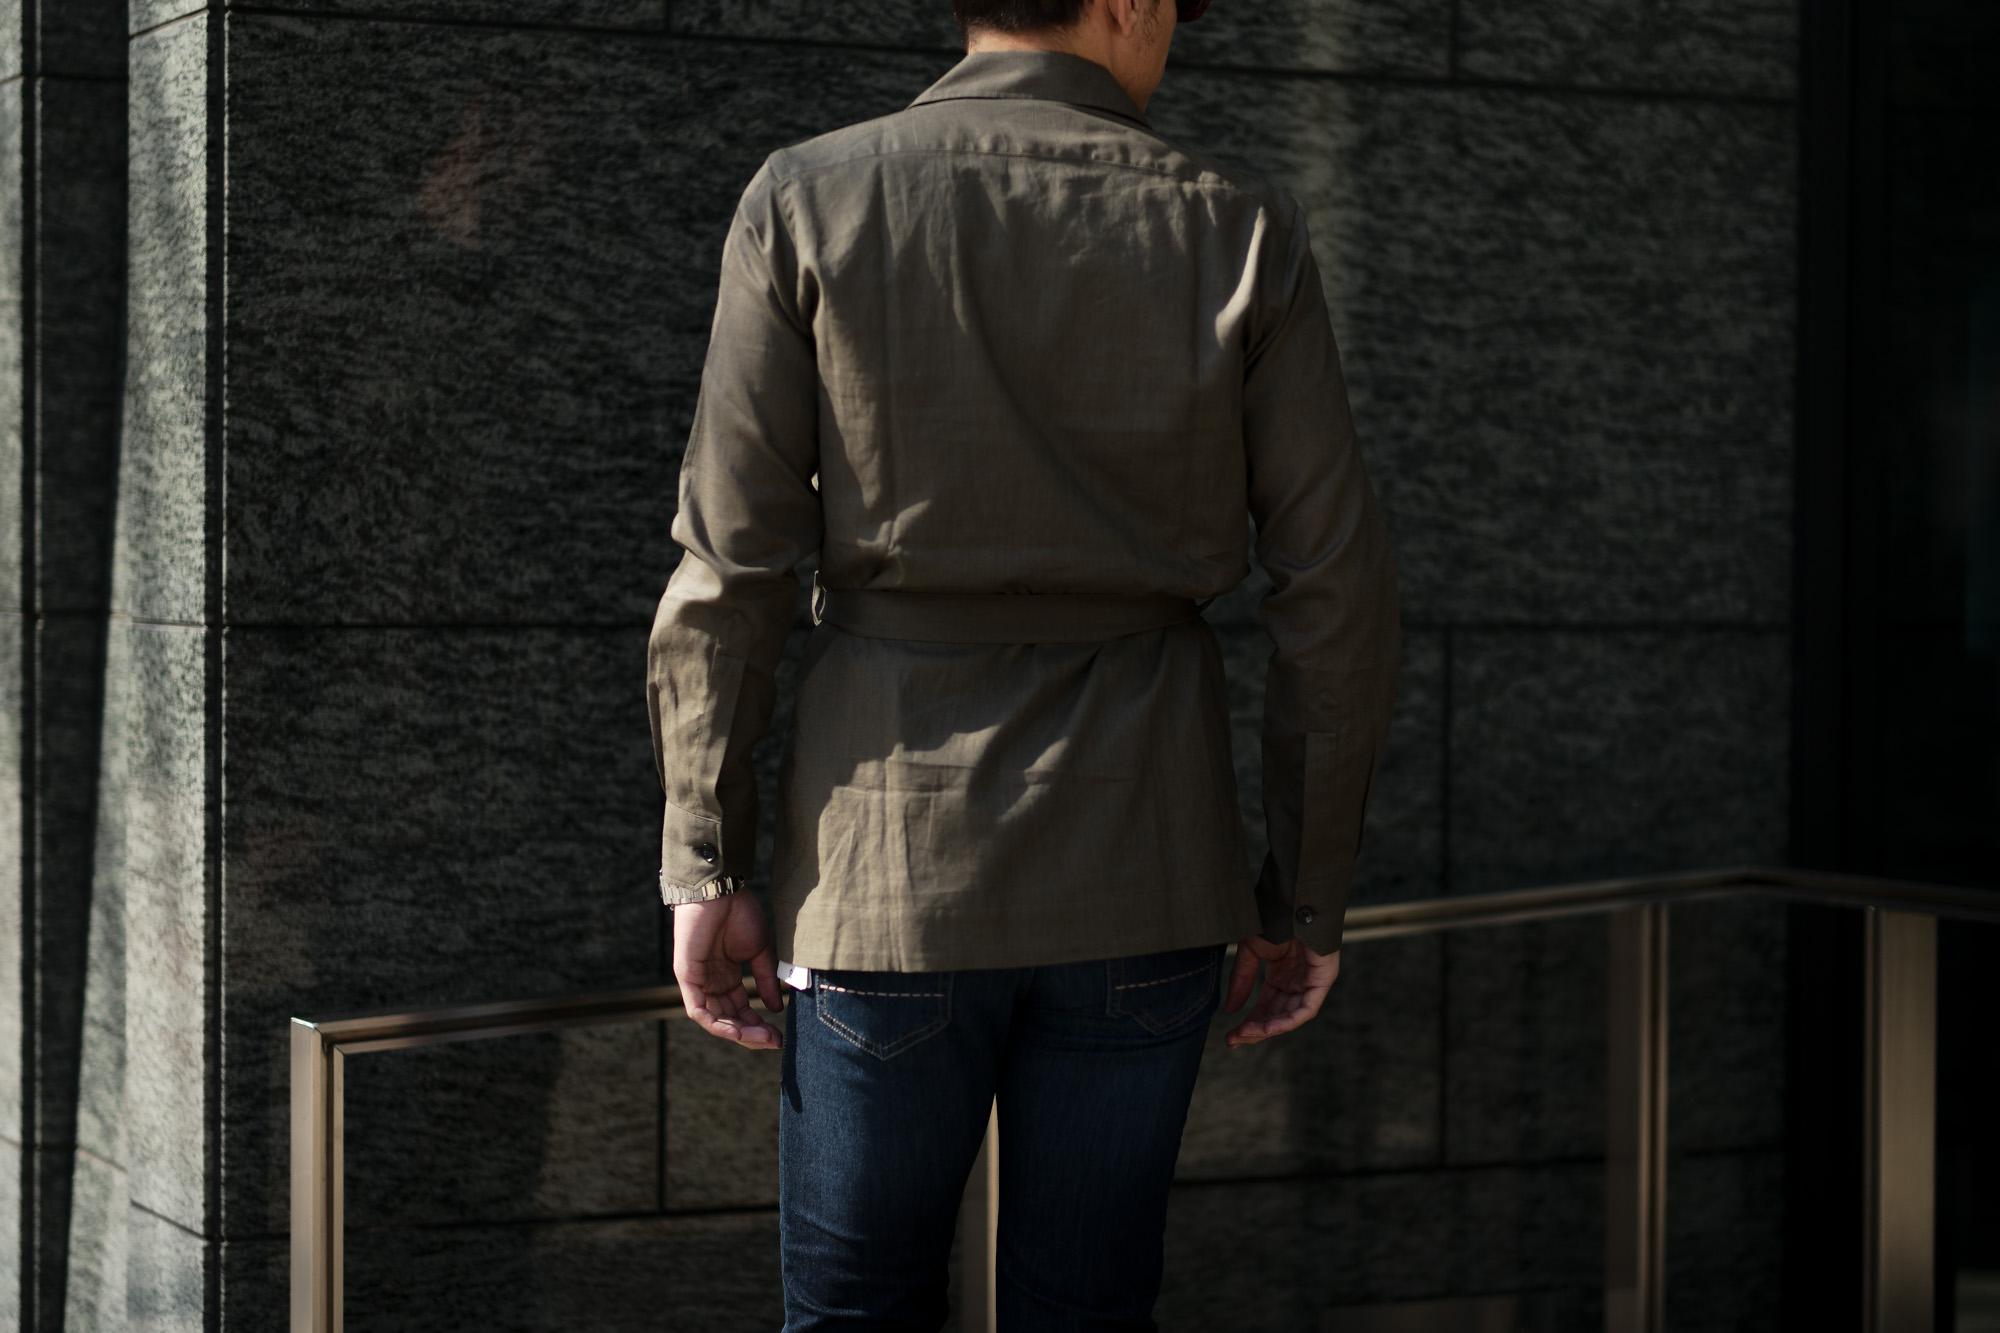 ORIAN (オリアン) LARMY リネンコットン サファリ ジャケット KHAKI (カーキ・75) Made in italy (イタリア製) 2020 春夏新作 愛知 名古屋 altoediritto アルトエデリット